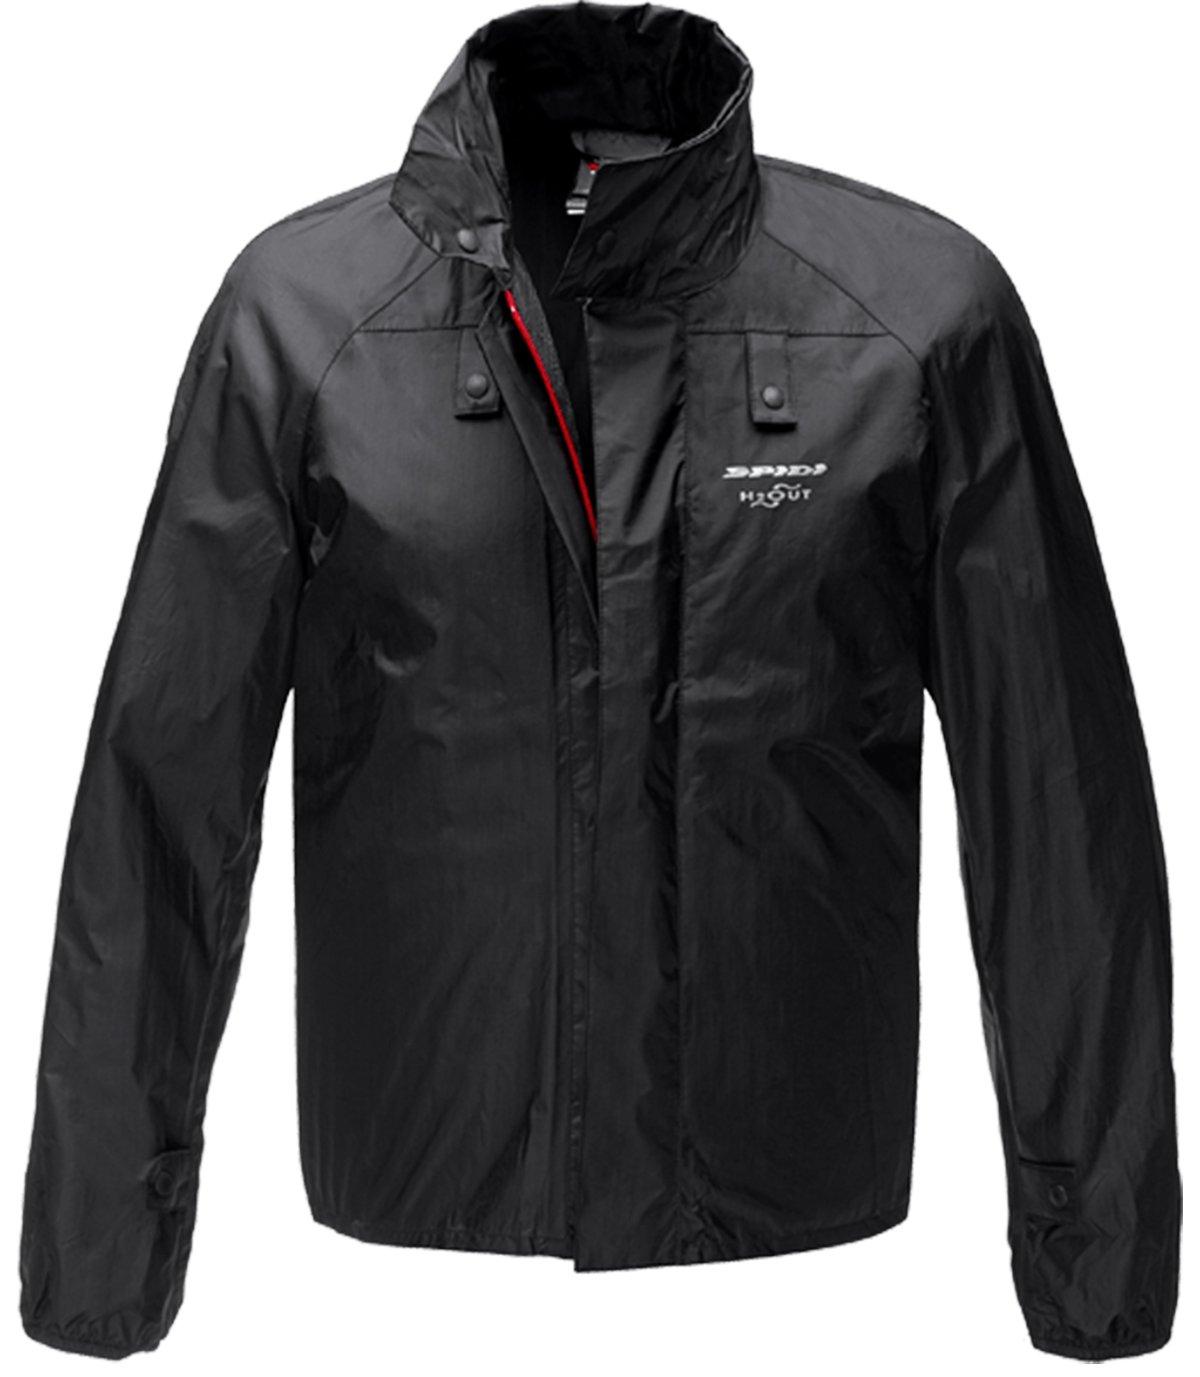 Куртка-дождевик Spidi Rain Chest Black